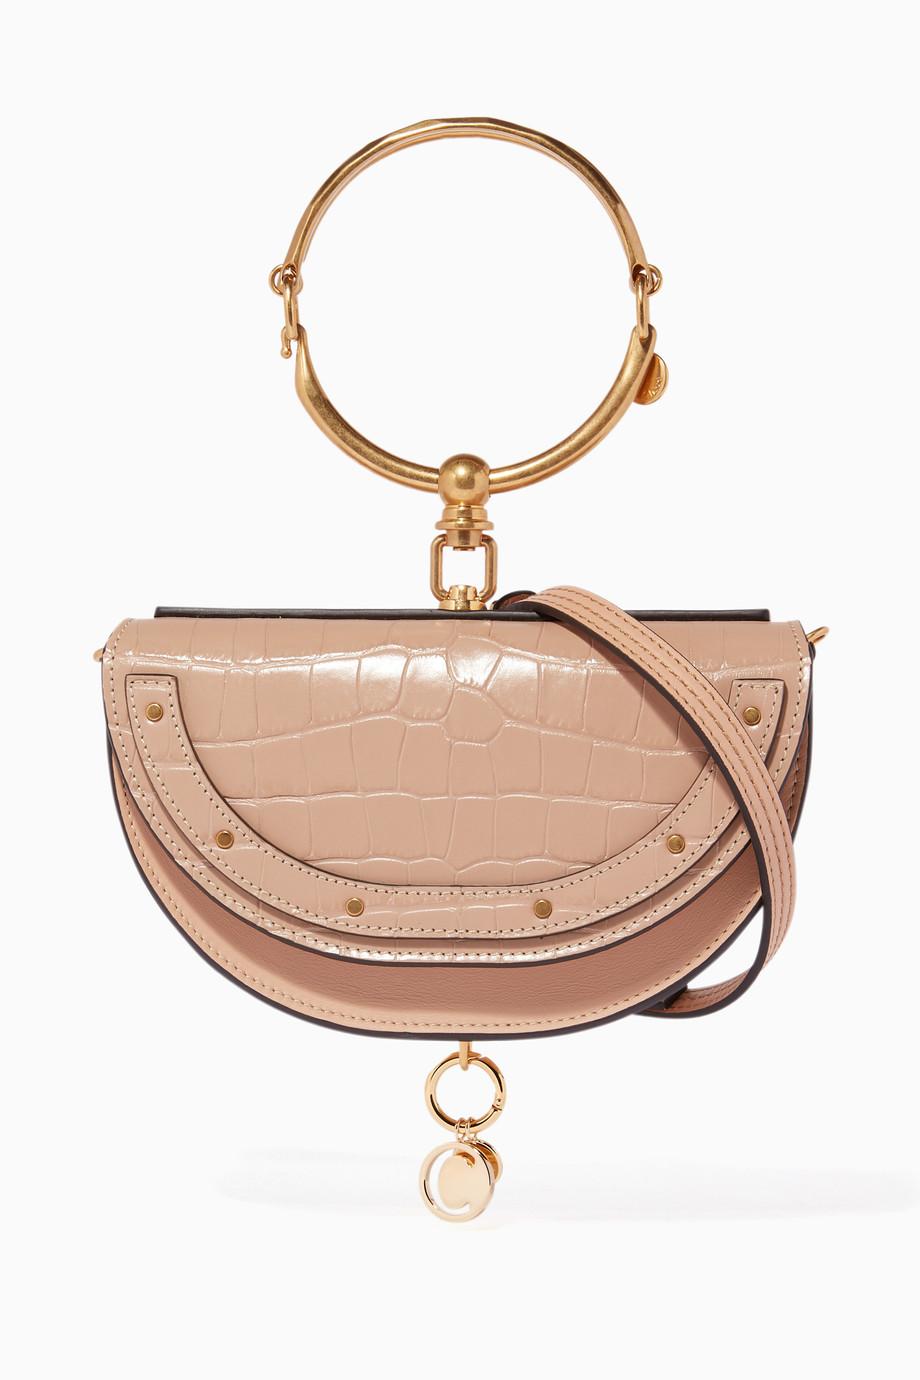 bd94f1d30560e تسوق حقيبة نايل مينوديري بنقشة جلد التمساح كلوي لون طبيعى للنساء